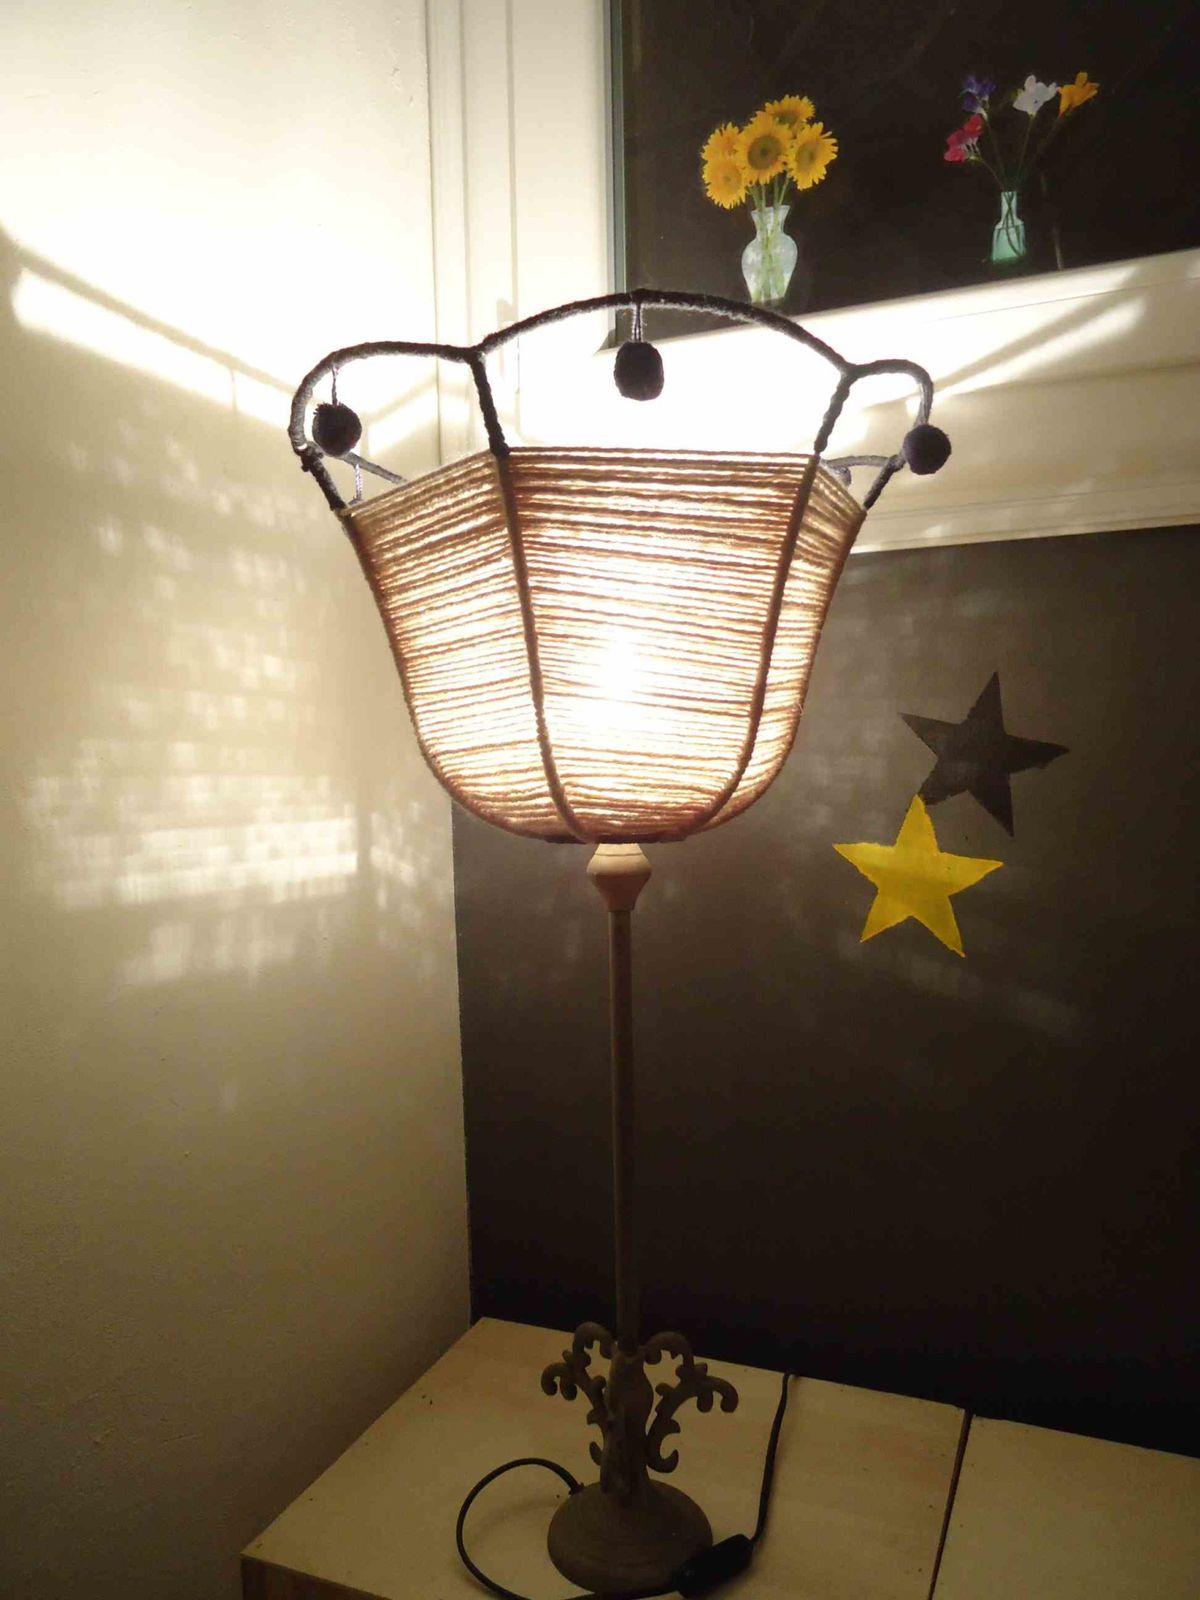 mon abat jour en laine sur une id e de la princesse aux bidouilles blabla bazar un bb blog. Black Bedroom Furniture Sets. Home Design Ideas